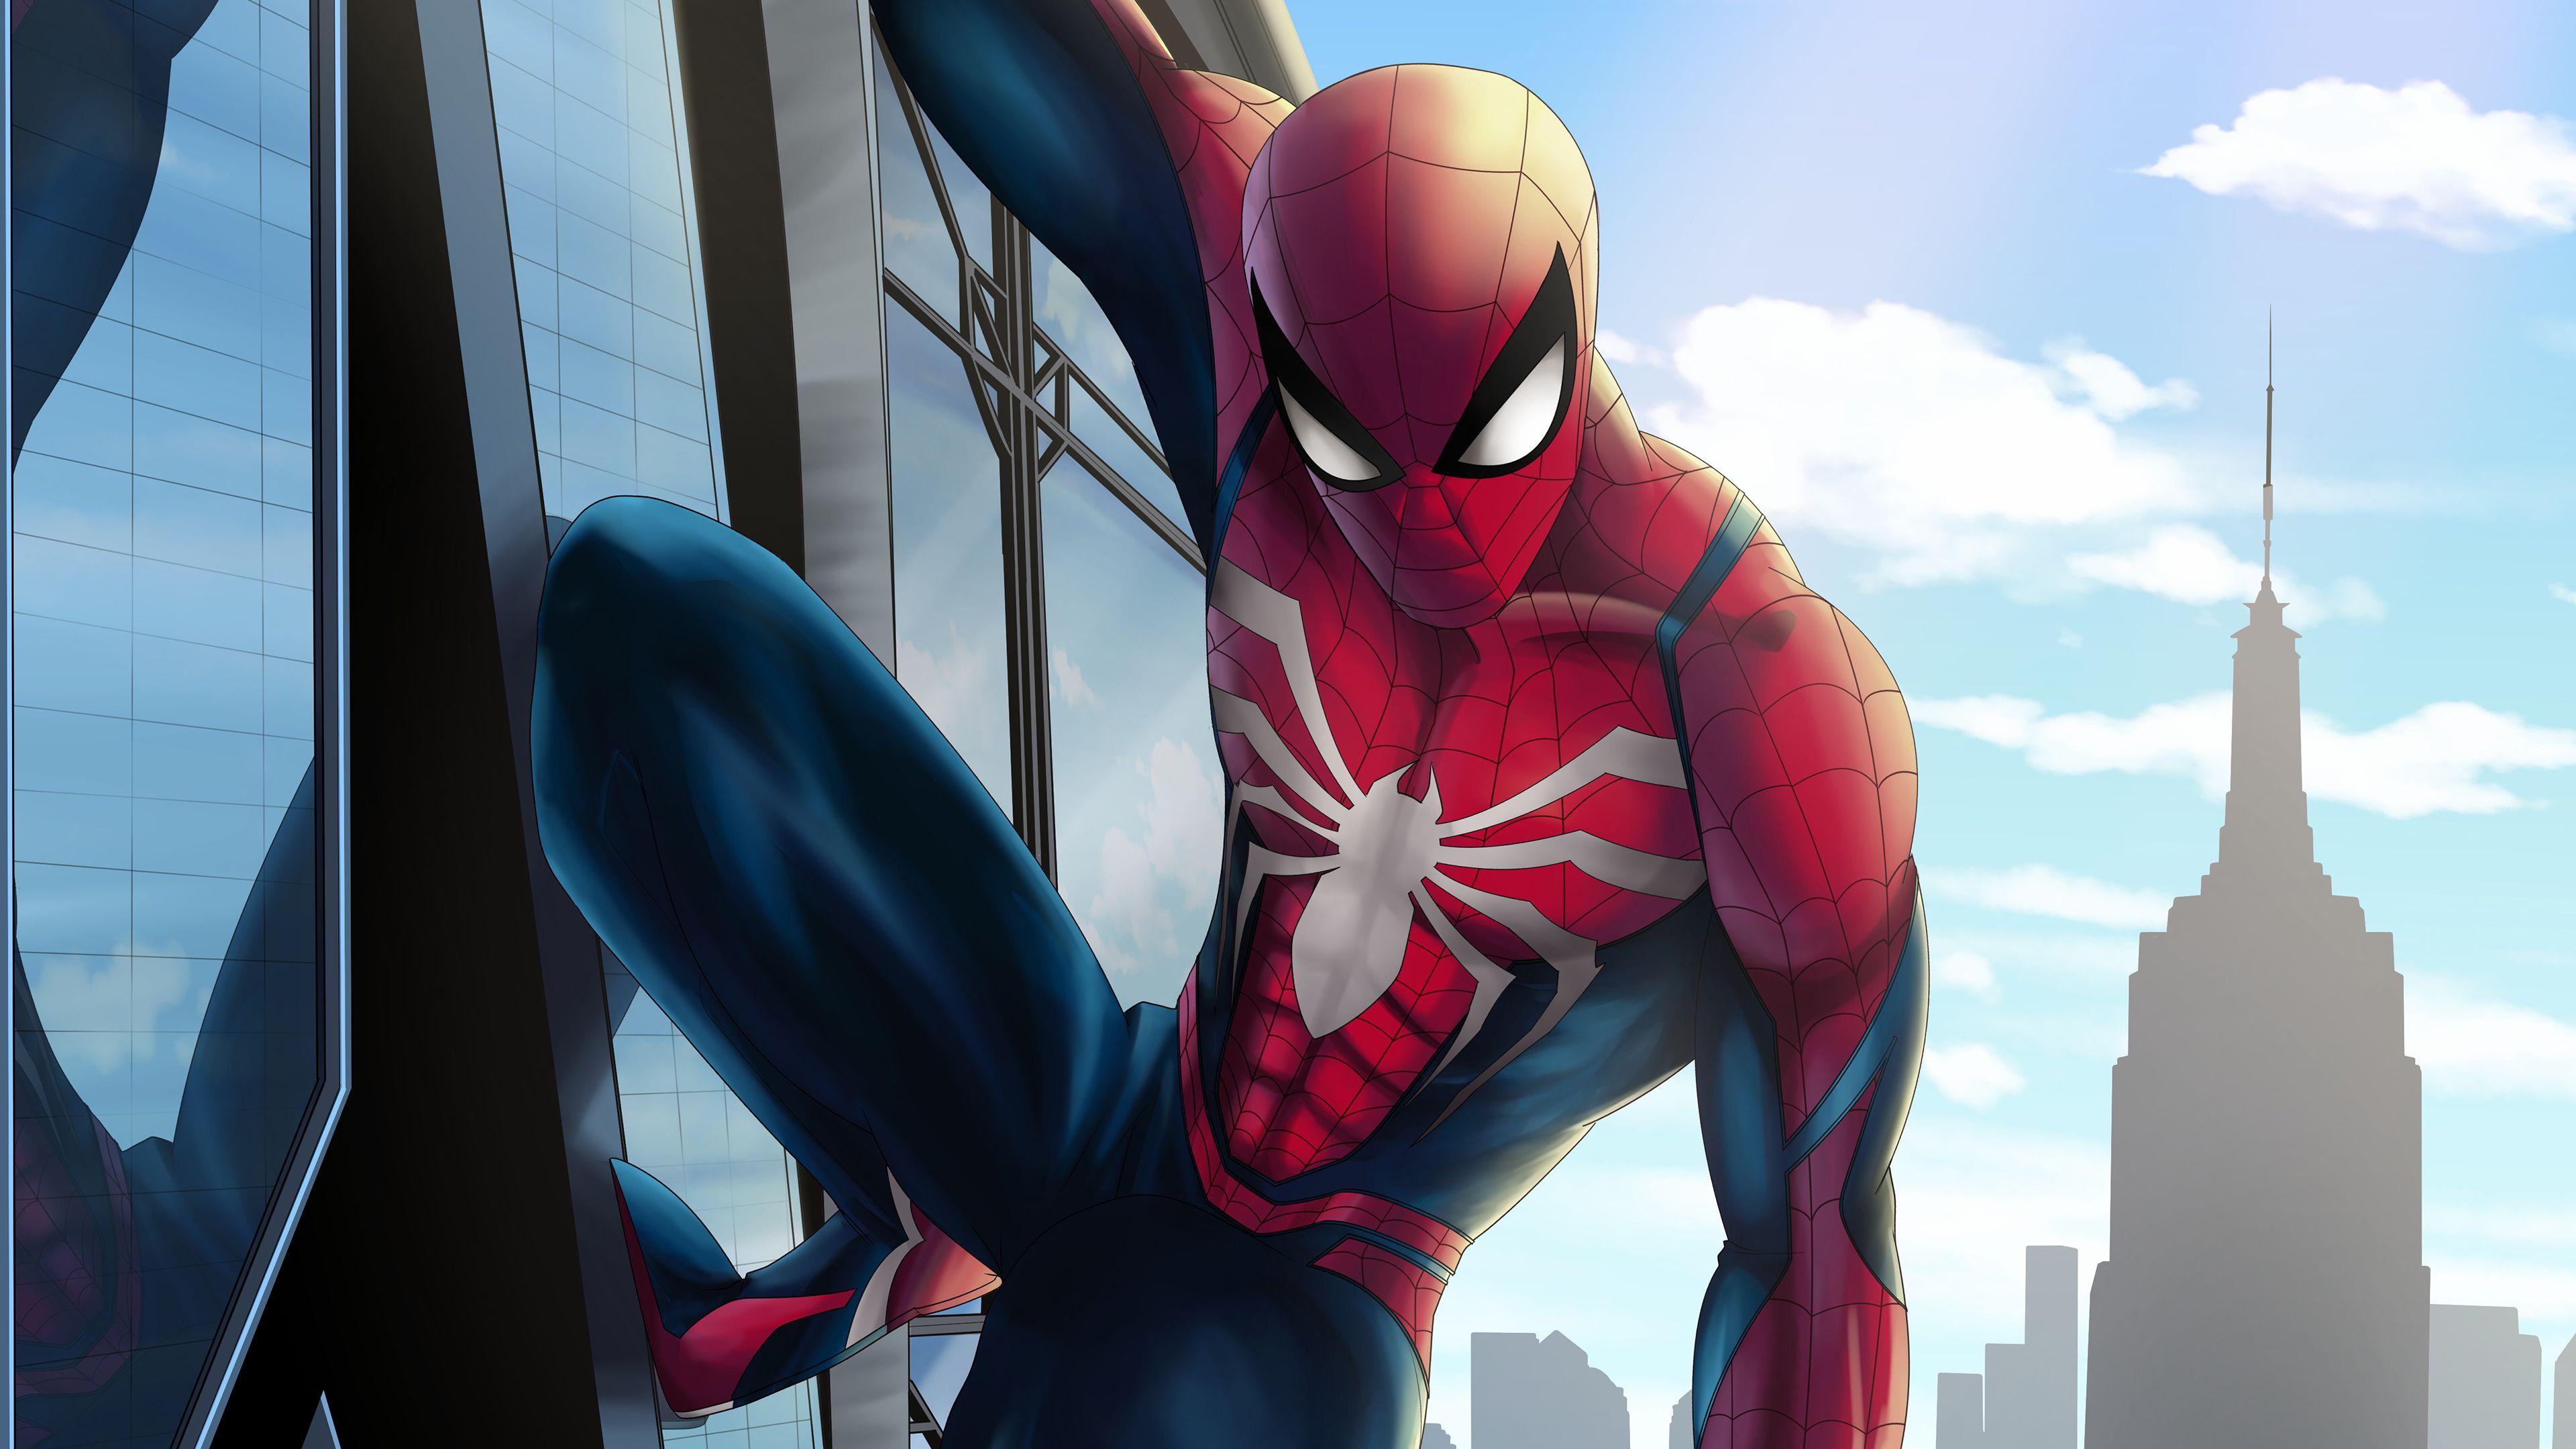 Insomniac Spiderman 4k Superheroes Wallpapers Spiderman Wallpapers Hd Wallpapers Digital Art Wallpapers Behance Wal Spiderman Superhero Wallpaper Superhero